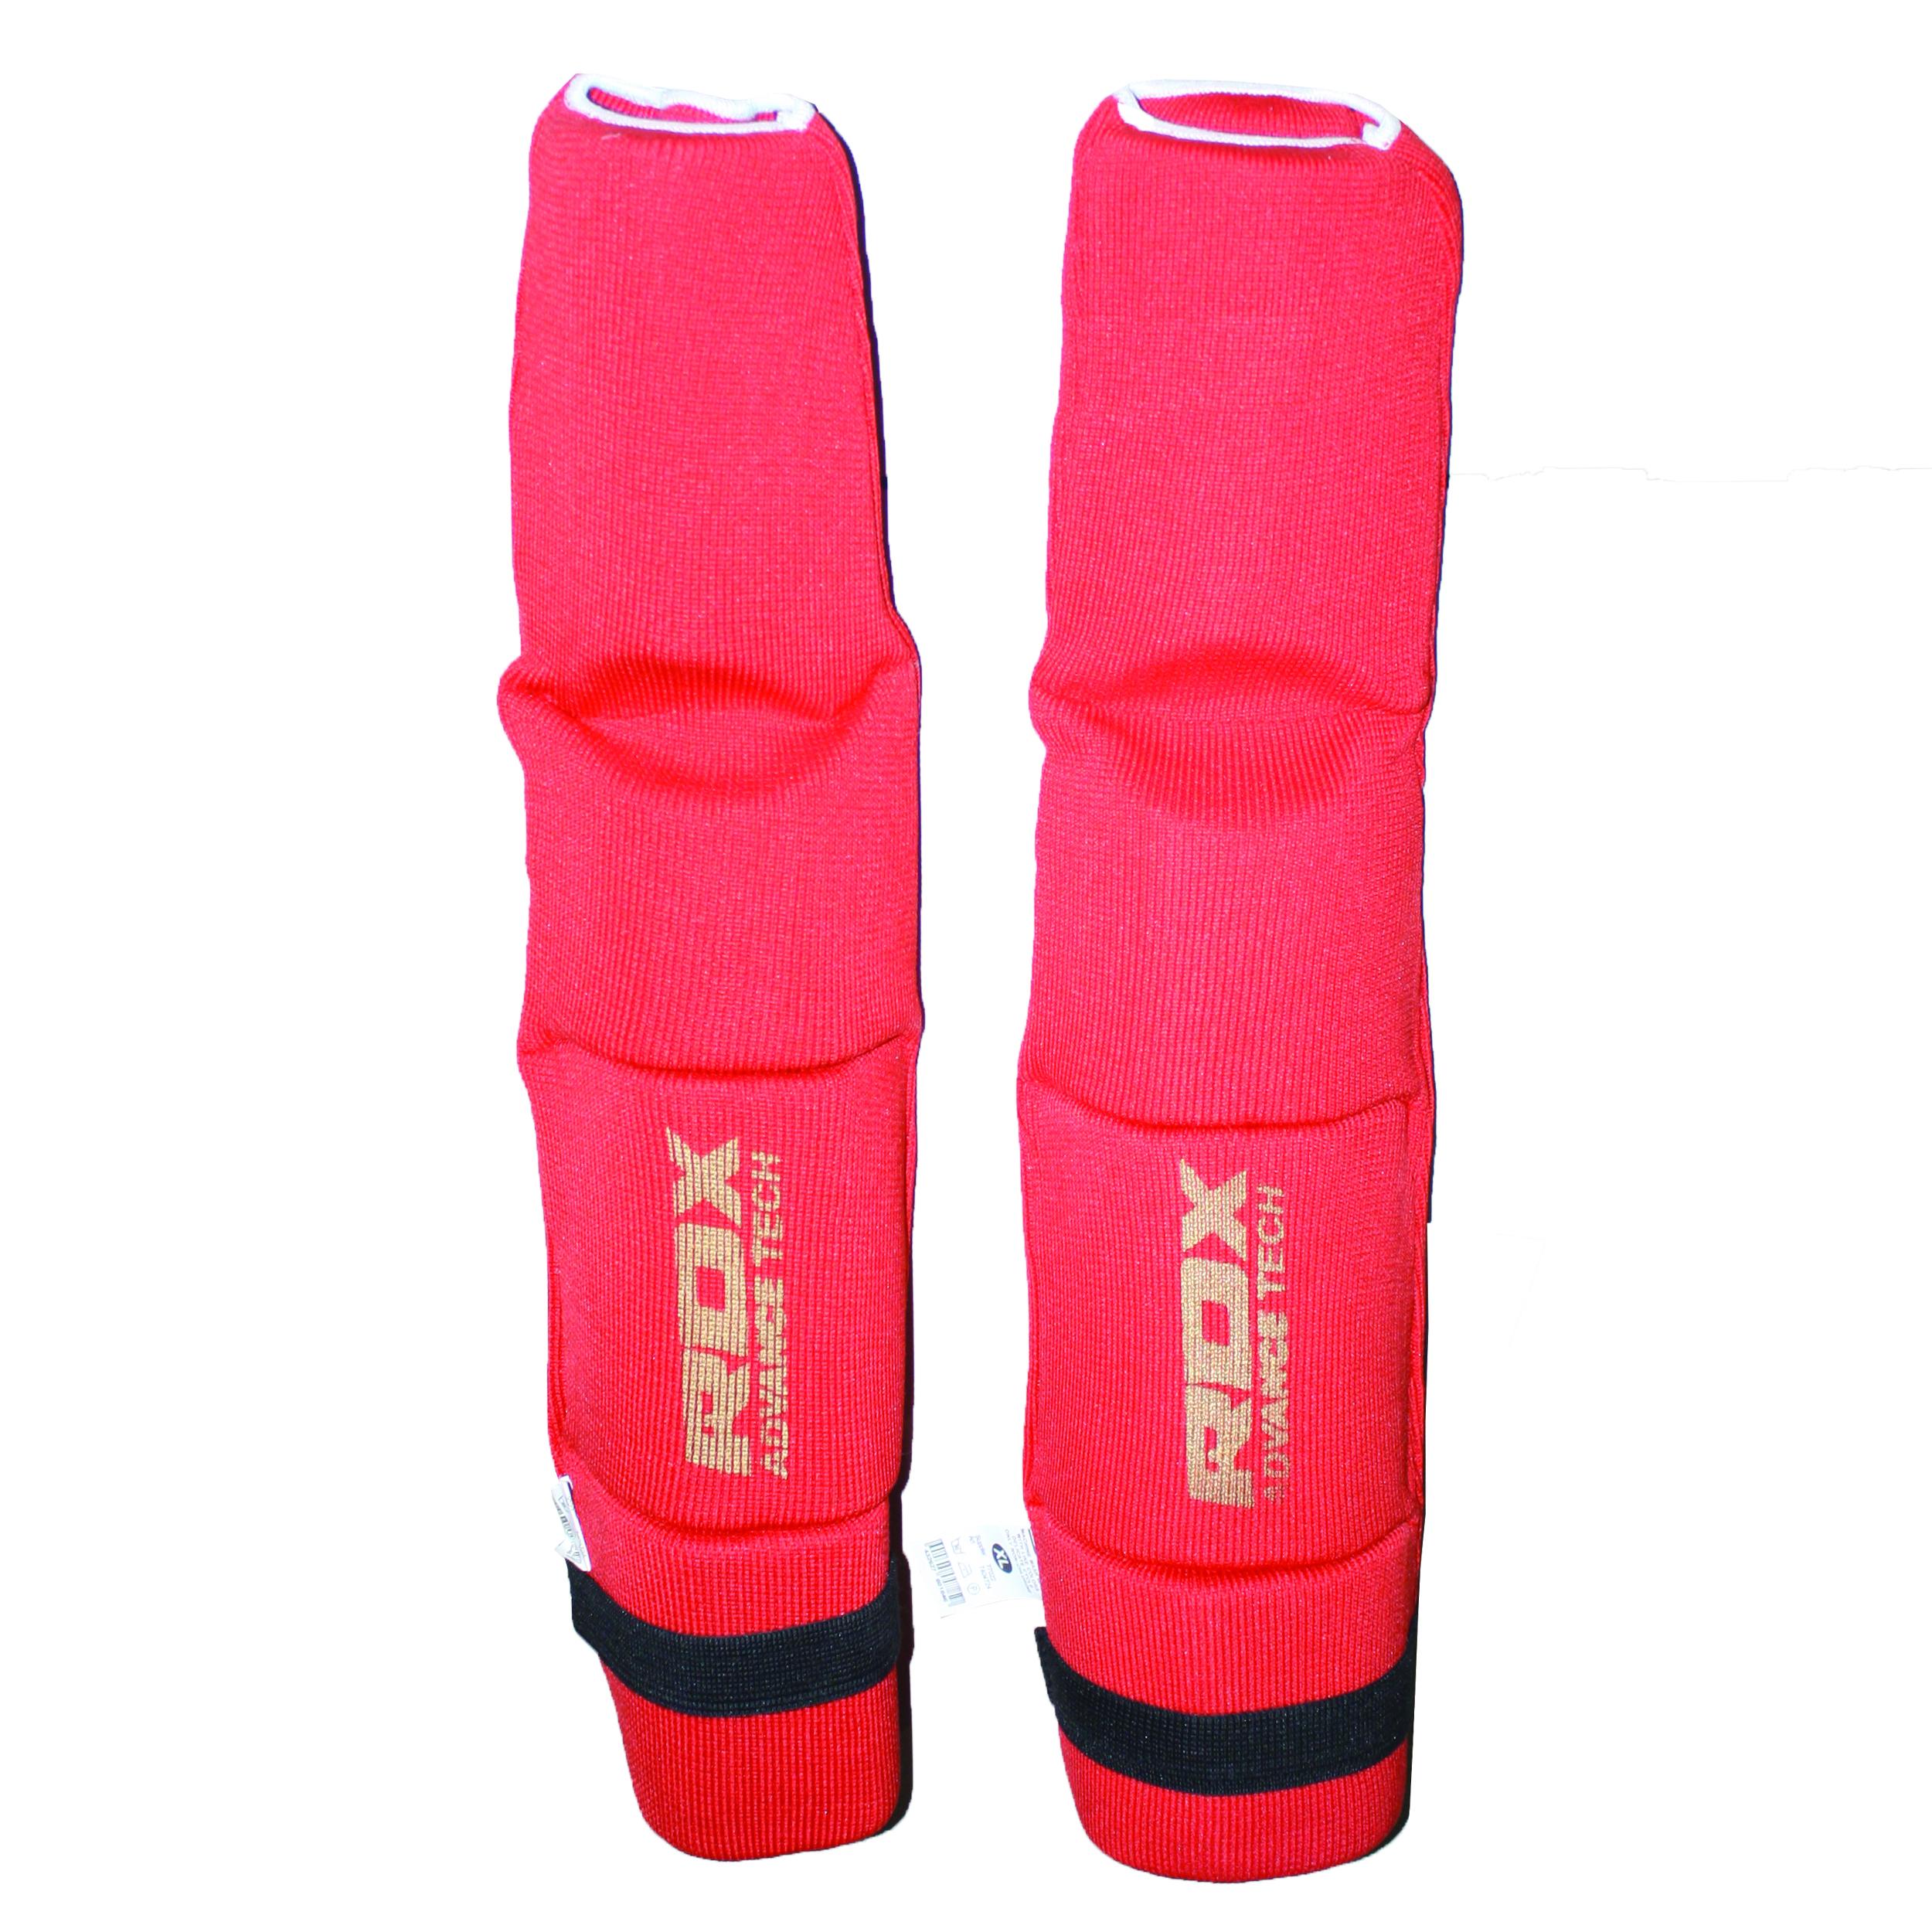 پابند و ساق بند رزمی مدل 1259